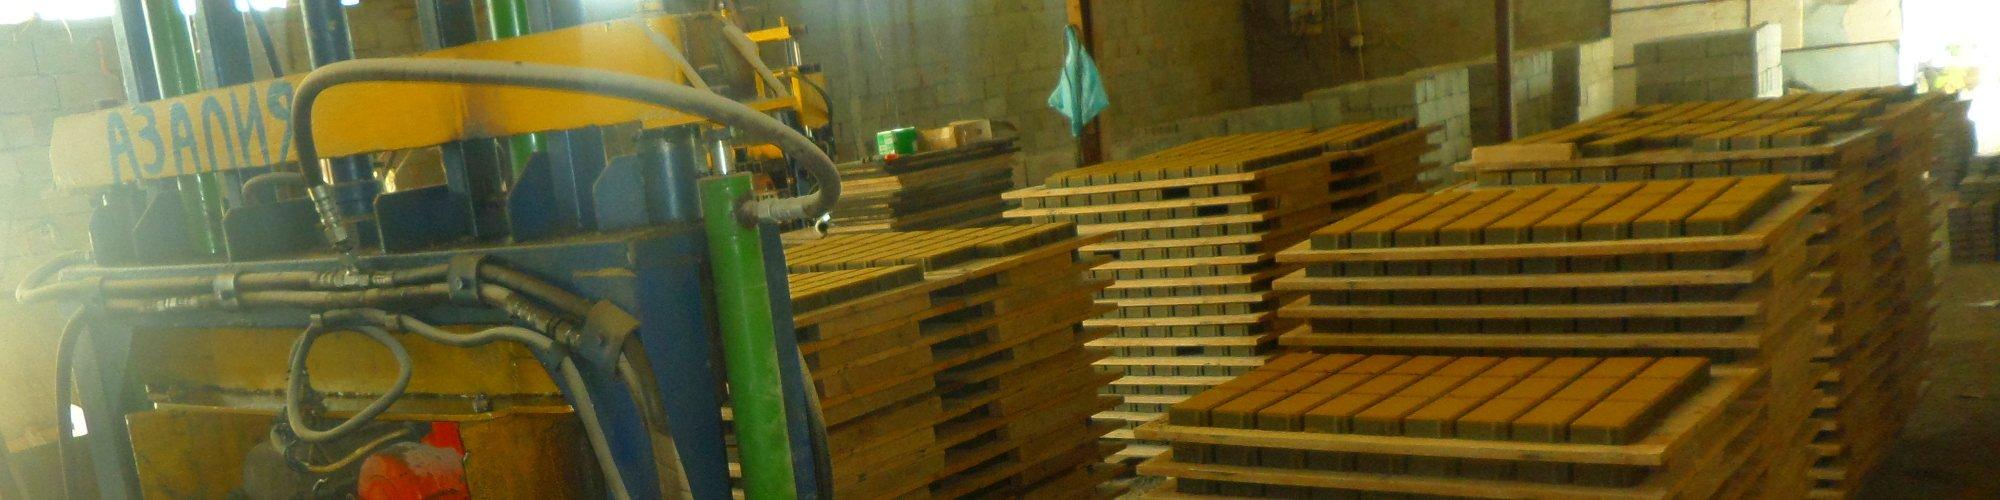 Вибропрессы для производства блоков строительных (шлакоблоков) и тротуарной плитки